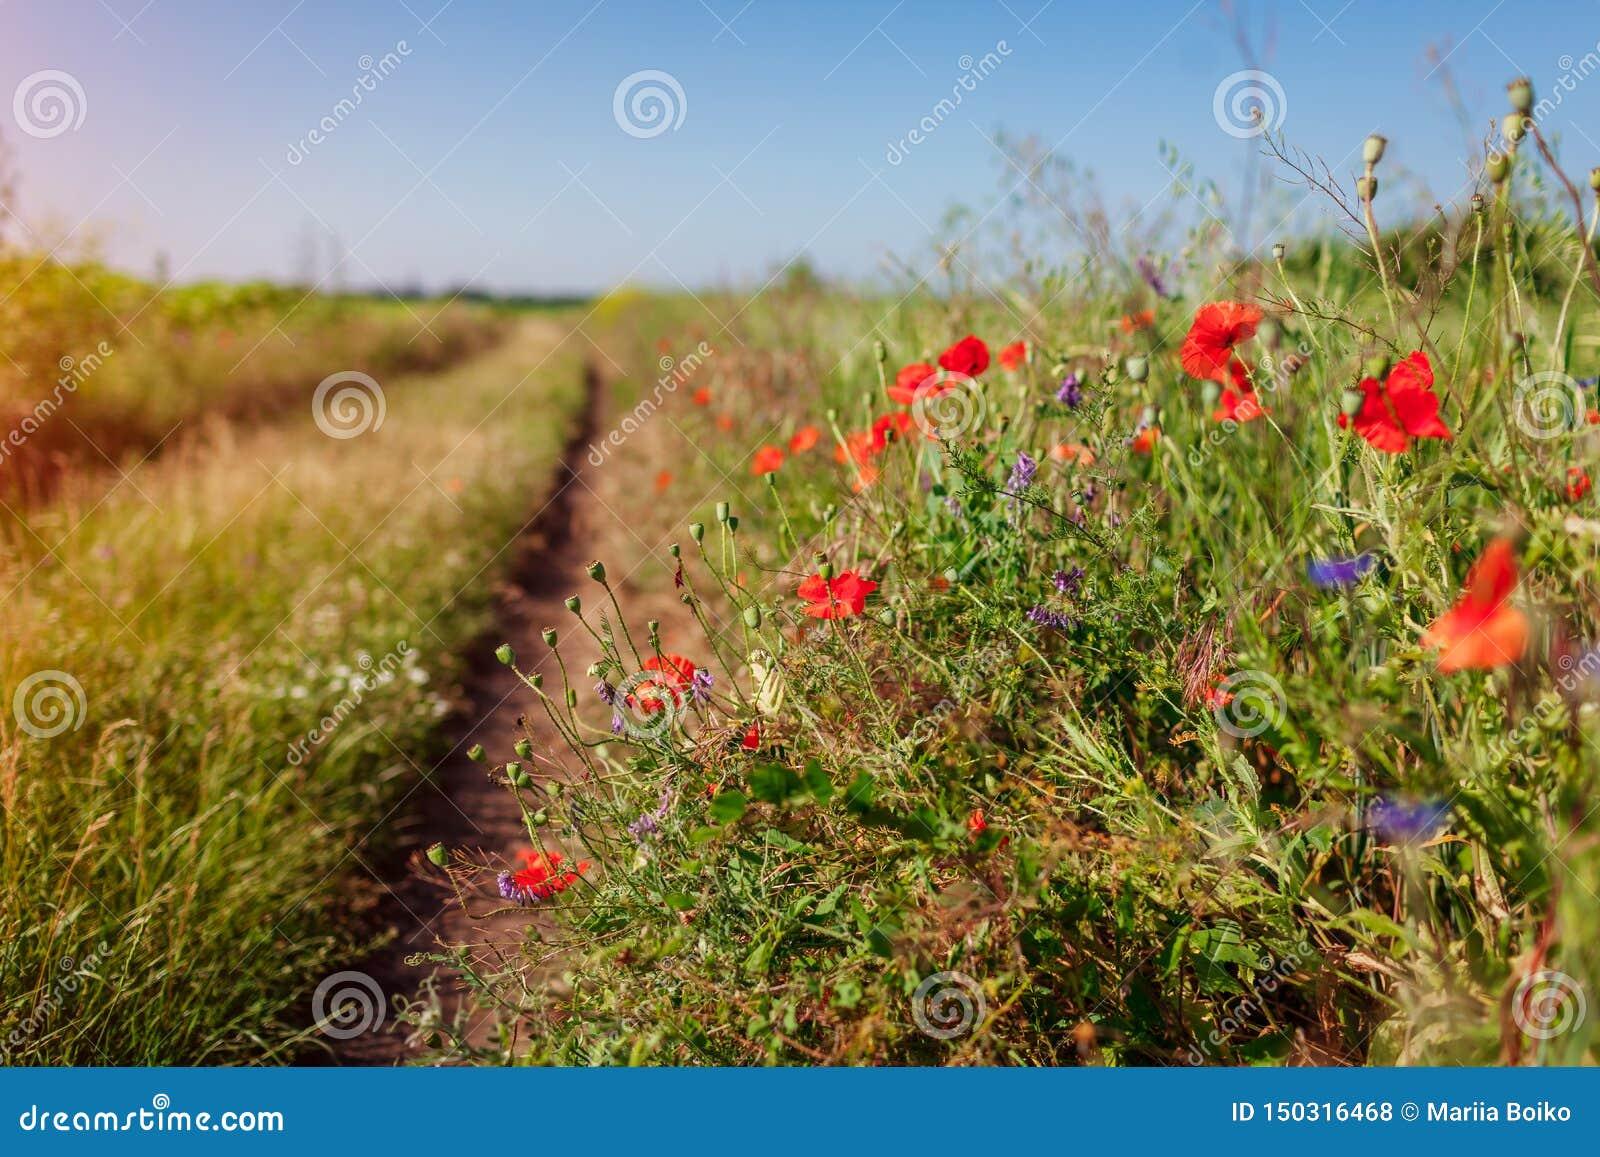 Weg auf dem Sommergebiet umgeben mit Mohnblumenblumen